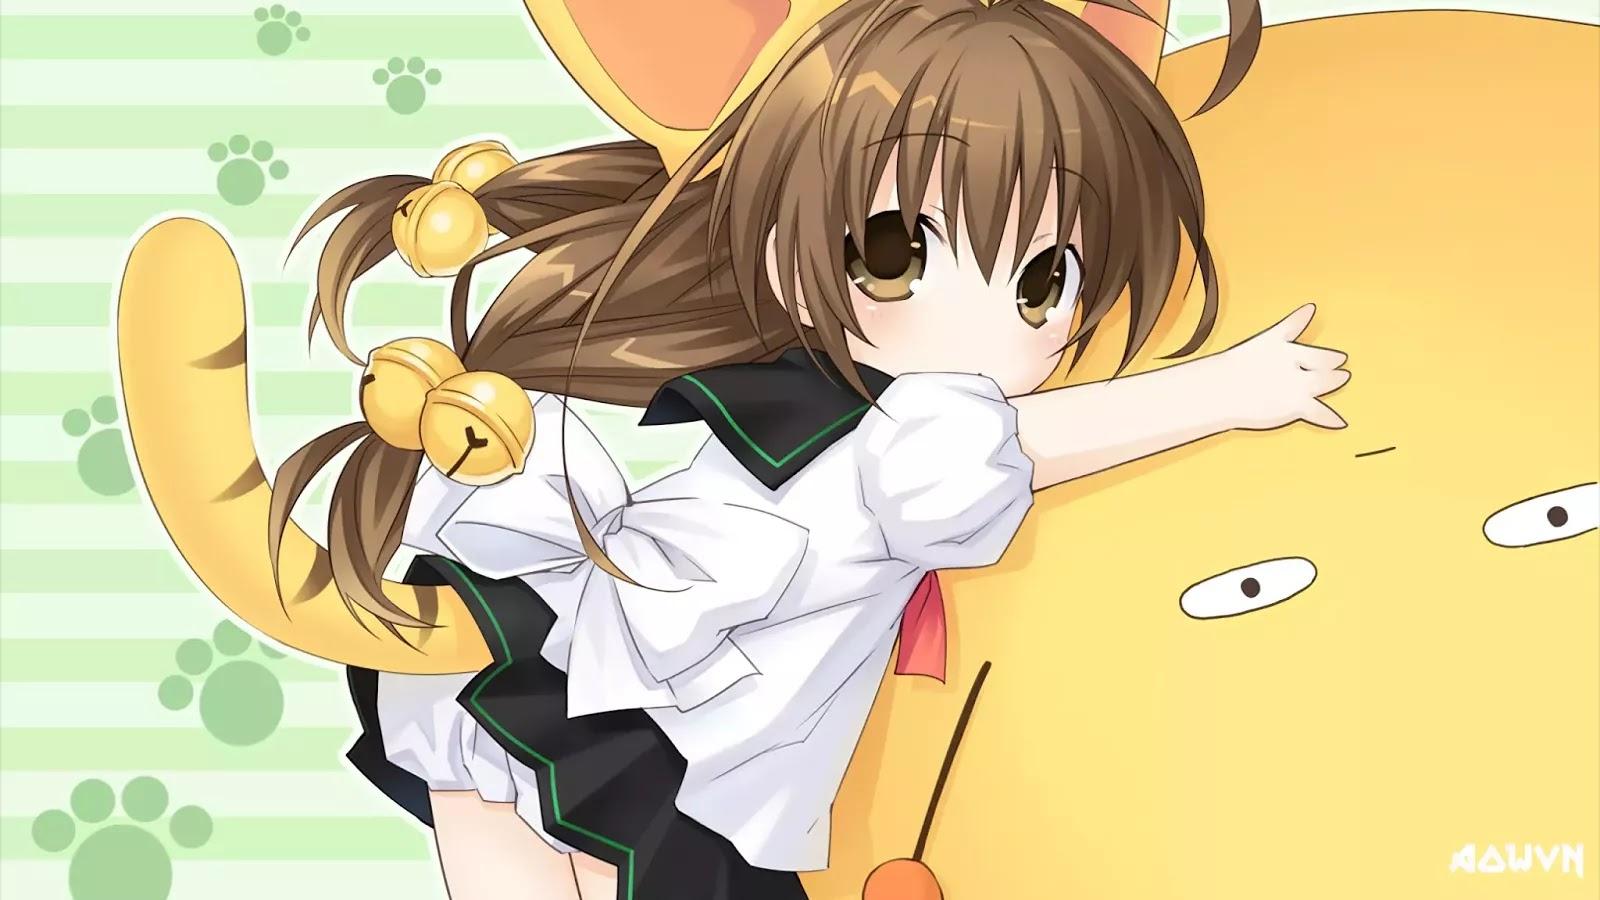 AowVN.org min%2B%252845%2529 - [ Hình Nền ] Game Hyperdimension Neptunia cực đẹp | Anime Wallpapers